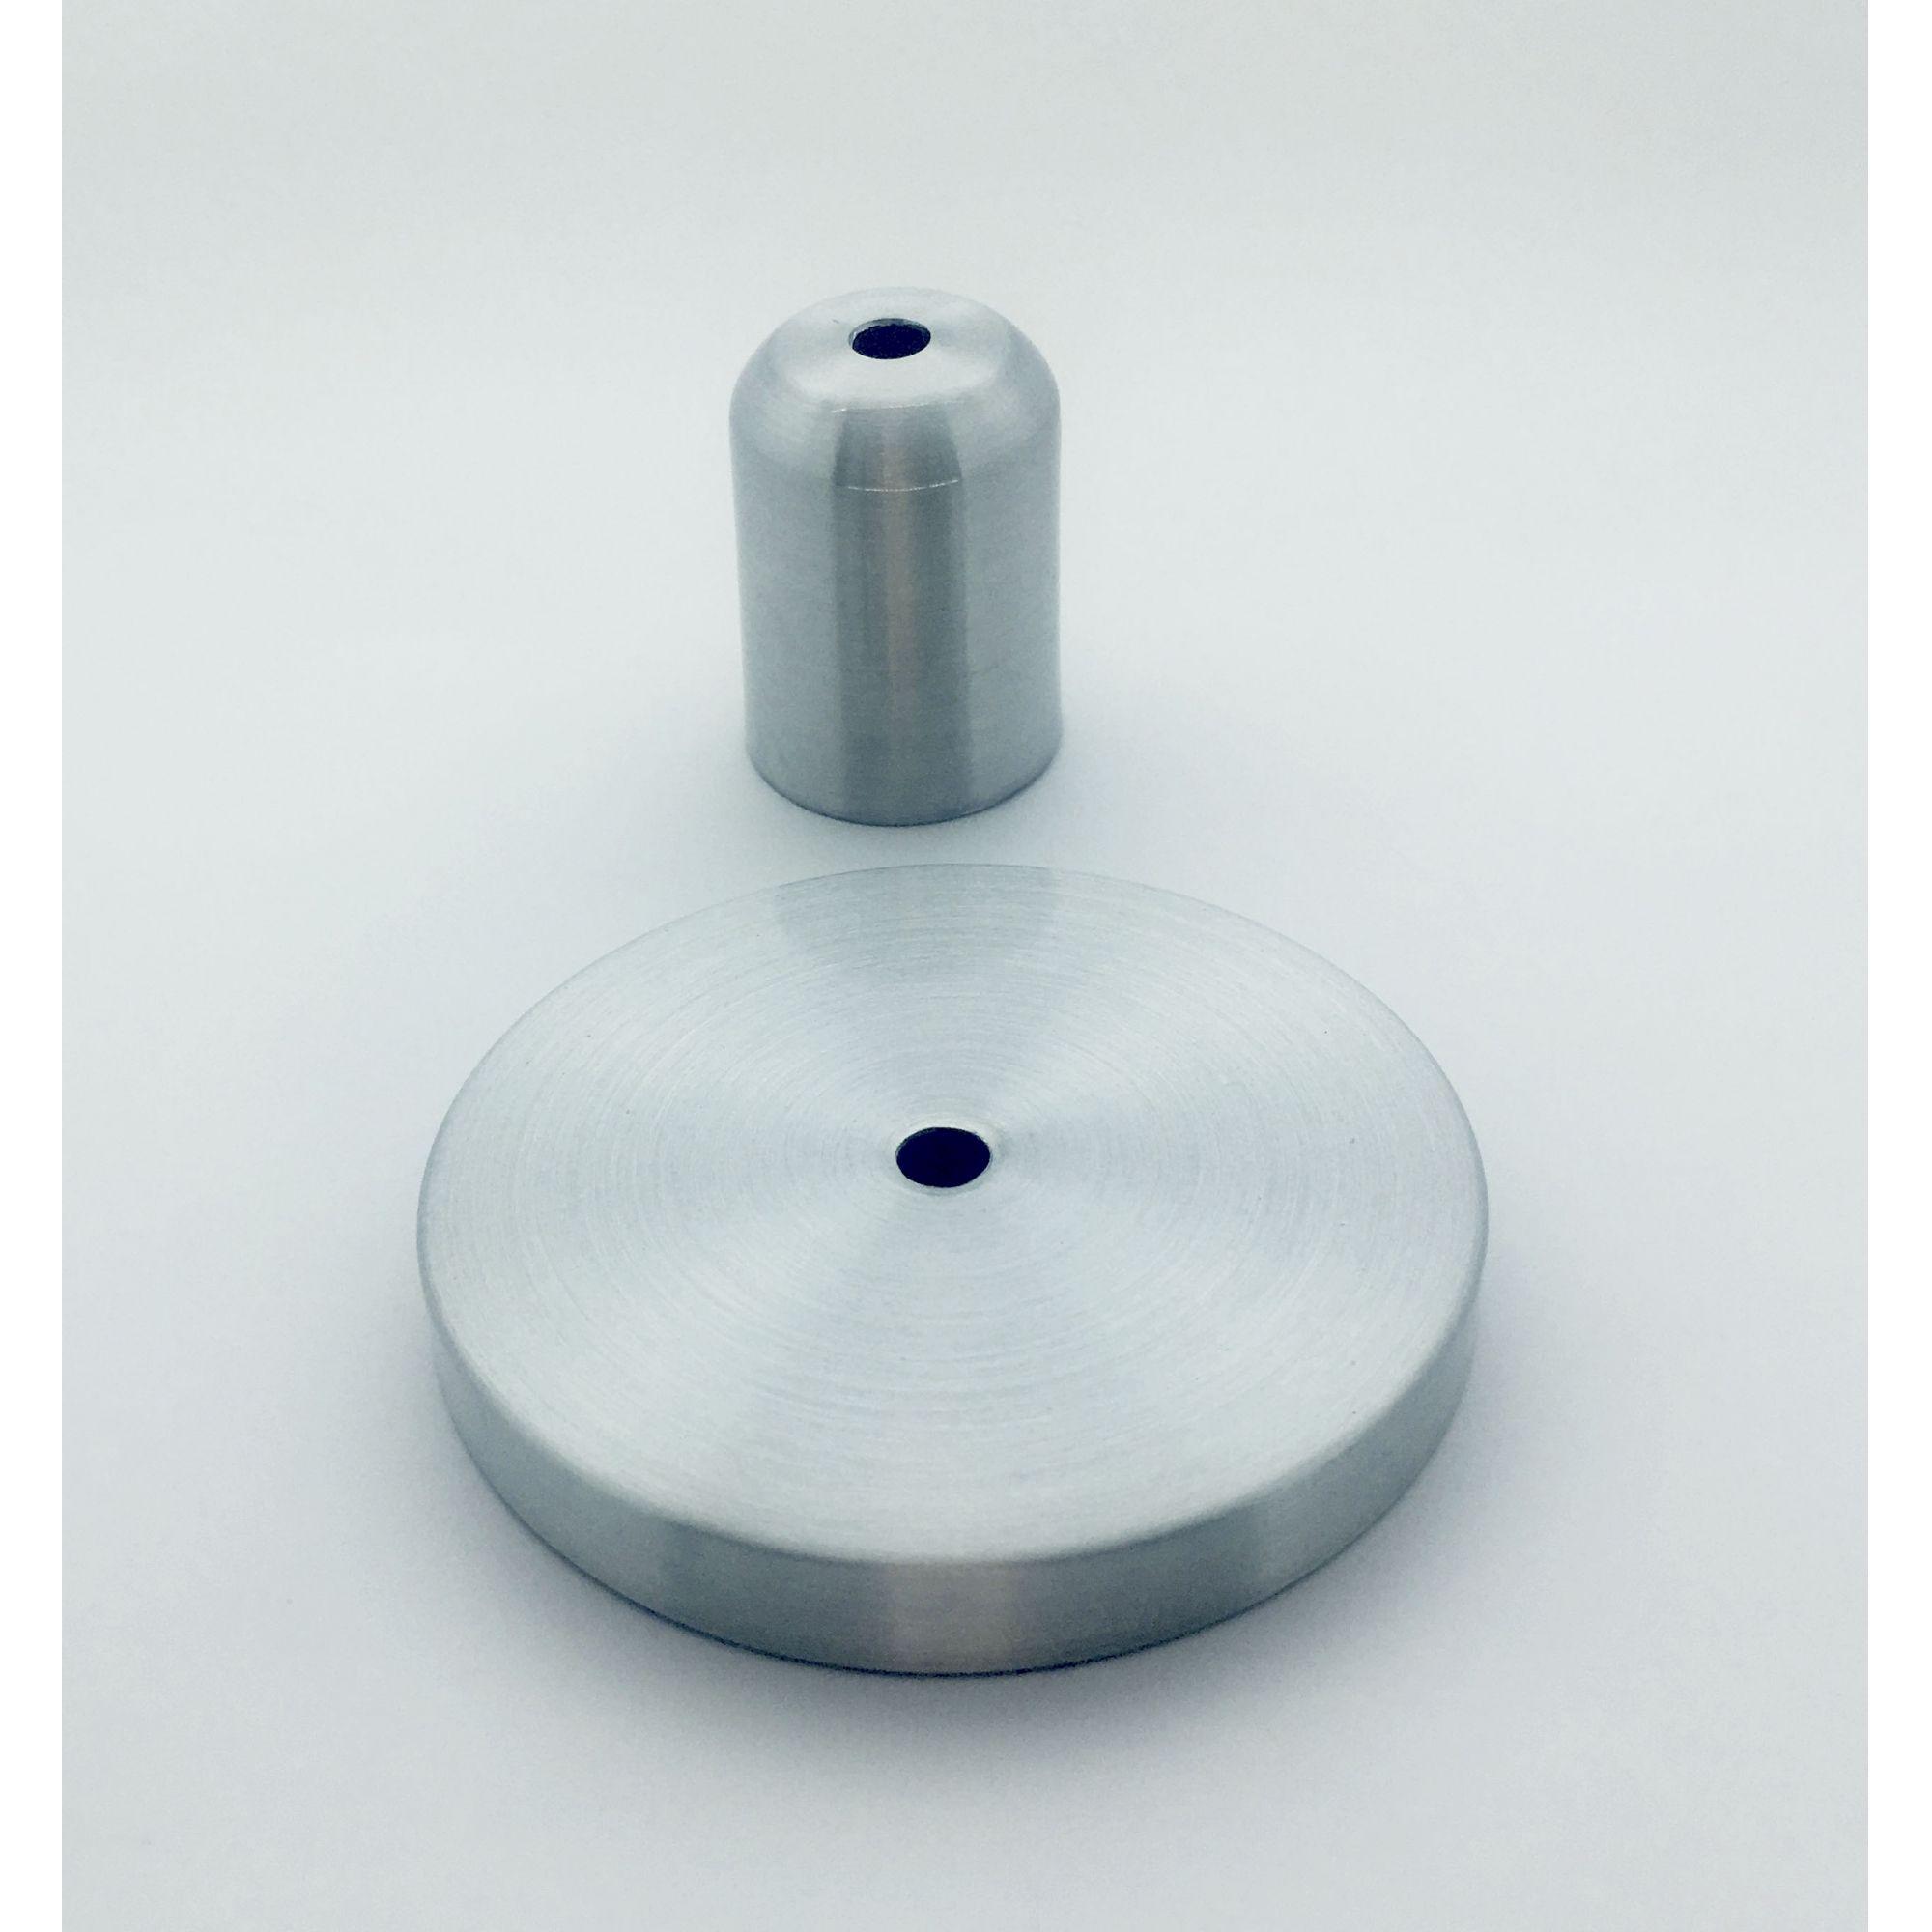 Kit Canopla 1 furo+ Capa de Soquete Metal (ESCOLHER A COR DESEJADA)